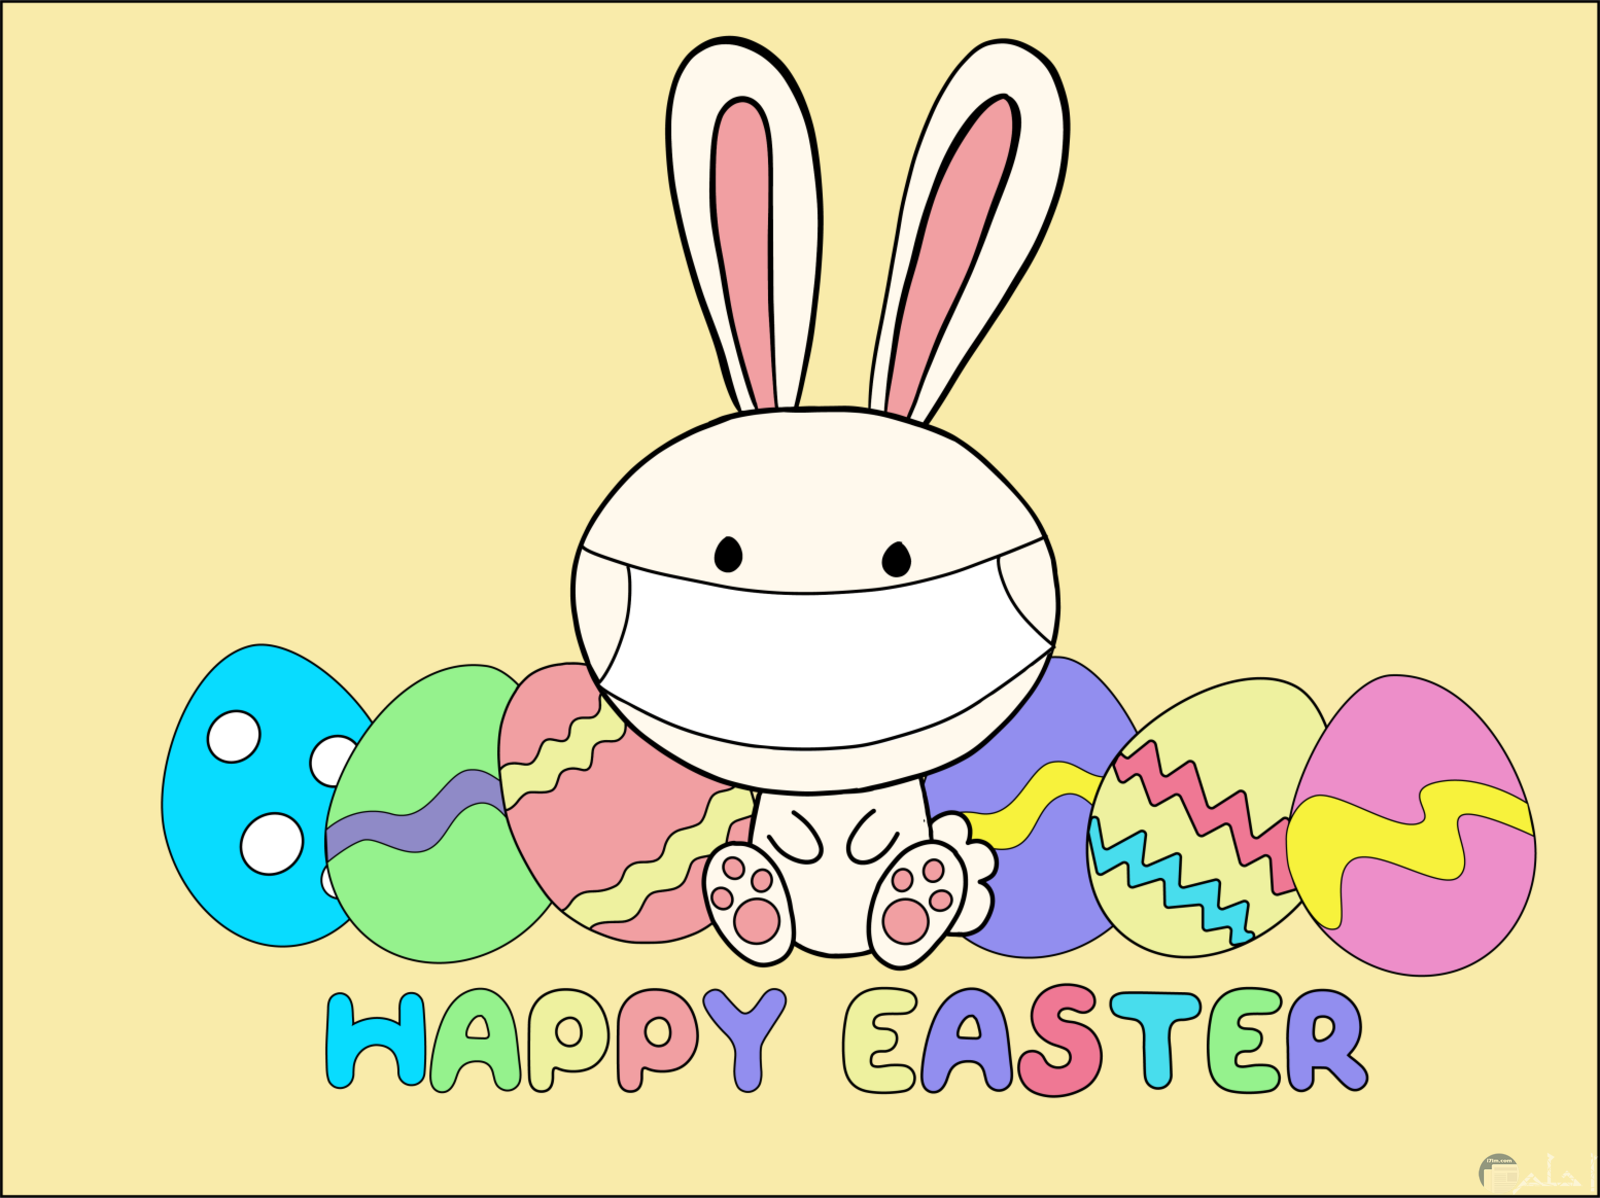 happy easter- عيد فصح سعيد.